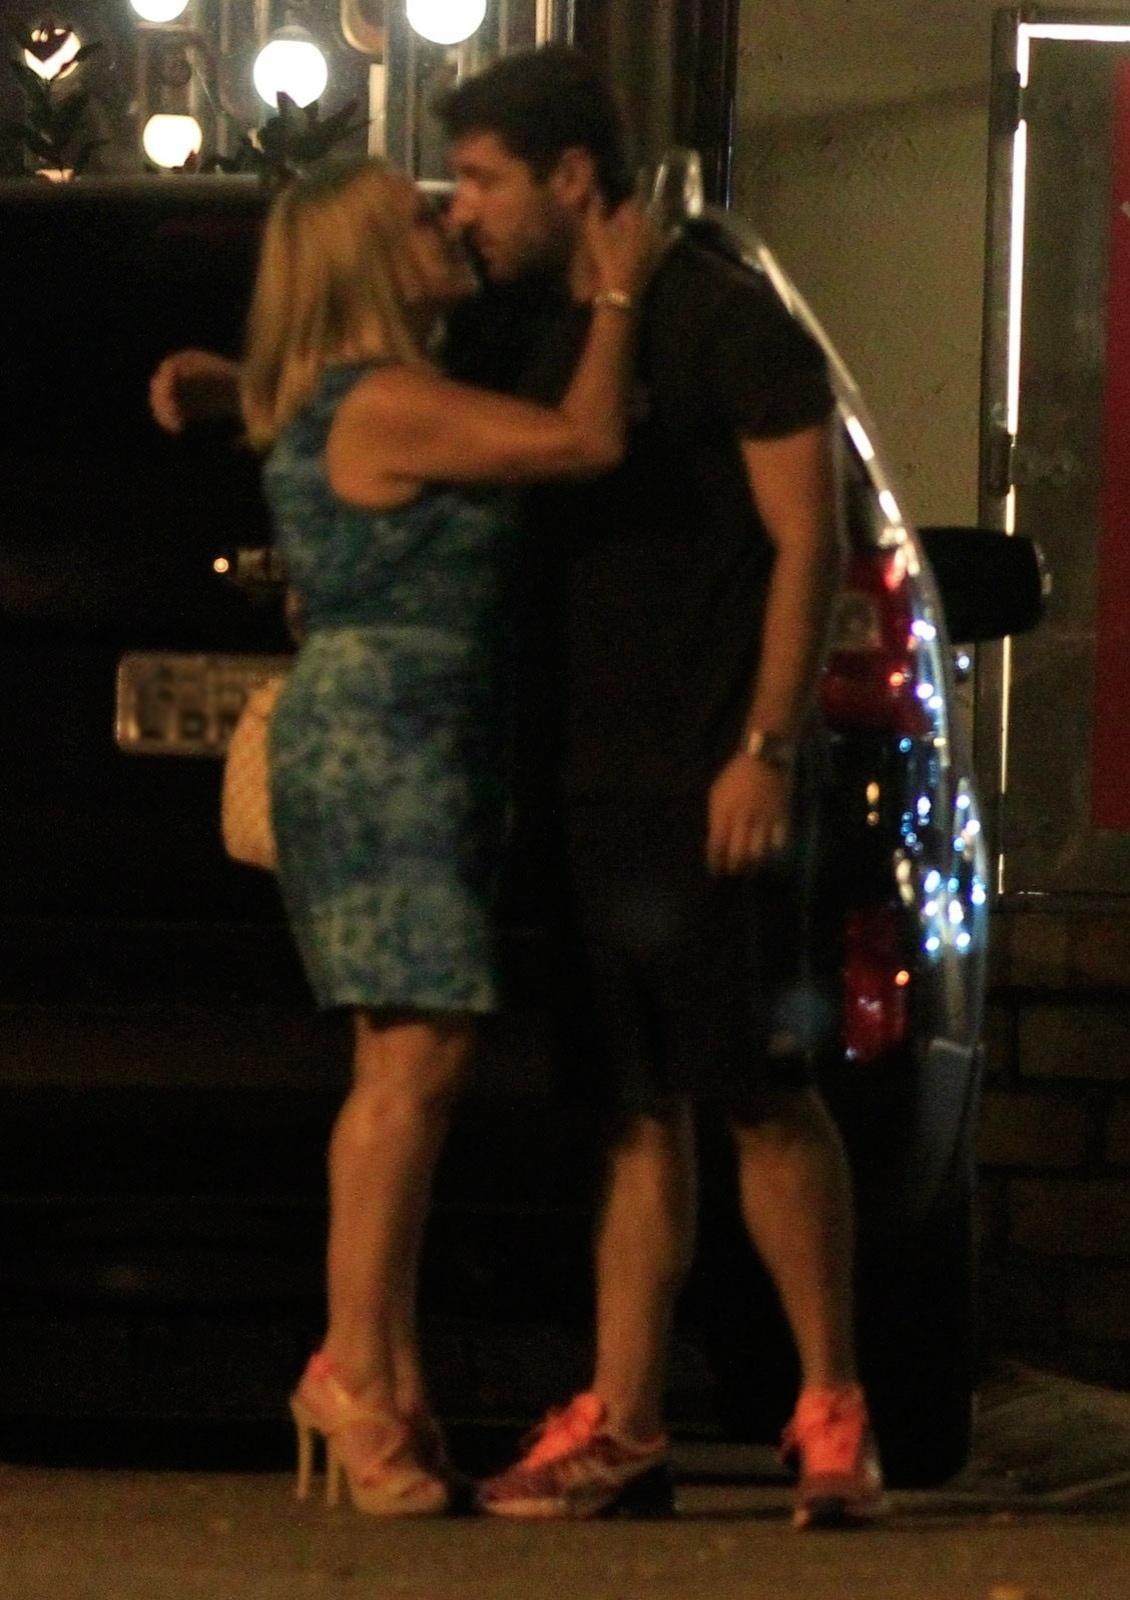 31.mar.2014 - A atriz Susana Vieira beija seu ex-namorado Sandro Pedroso na saída do Restaurante Porcão da Barra da Tijuca, Rio de Janeiro